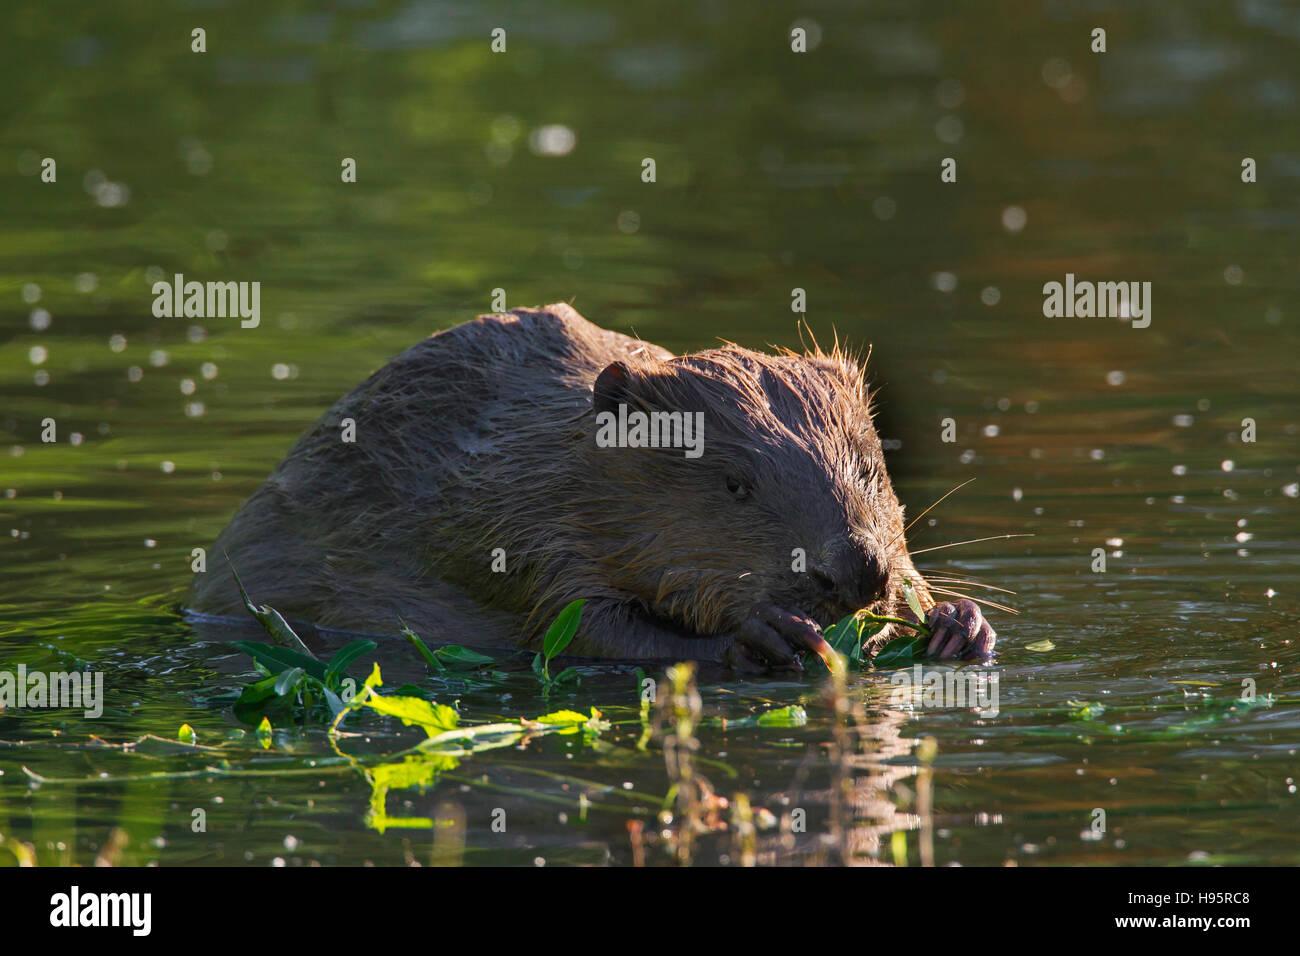 Eurasian beaver / European beaver (Castor fiber) nibbling on willow twig in pond Stock Photo